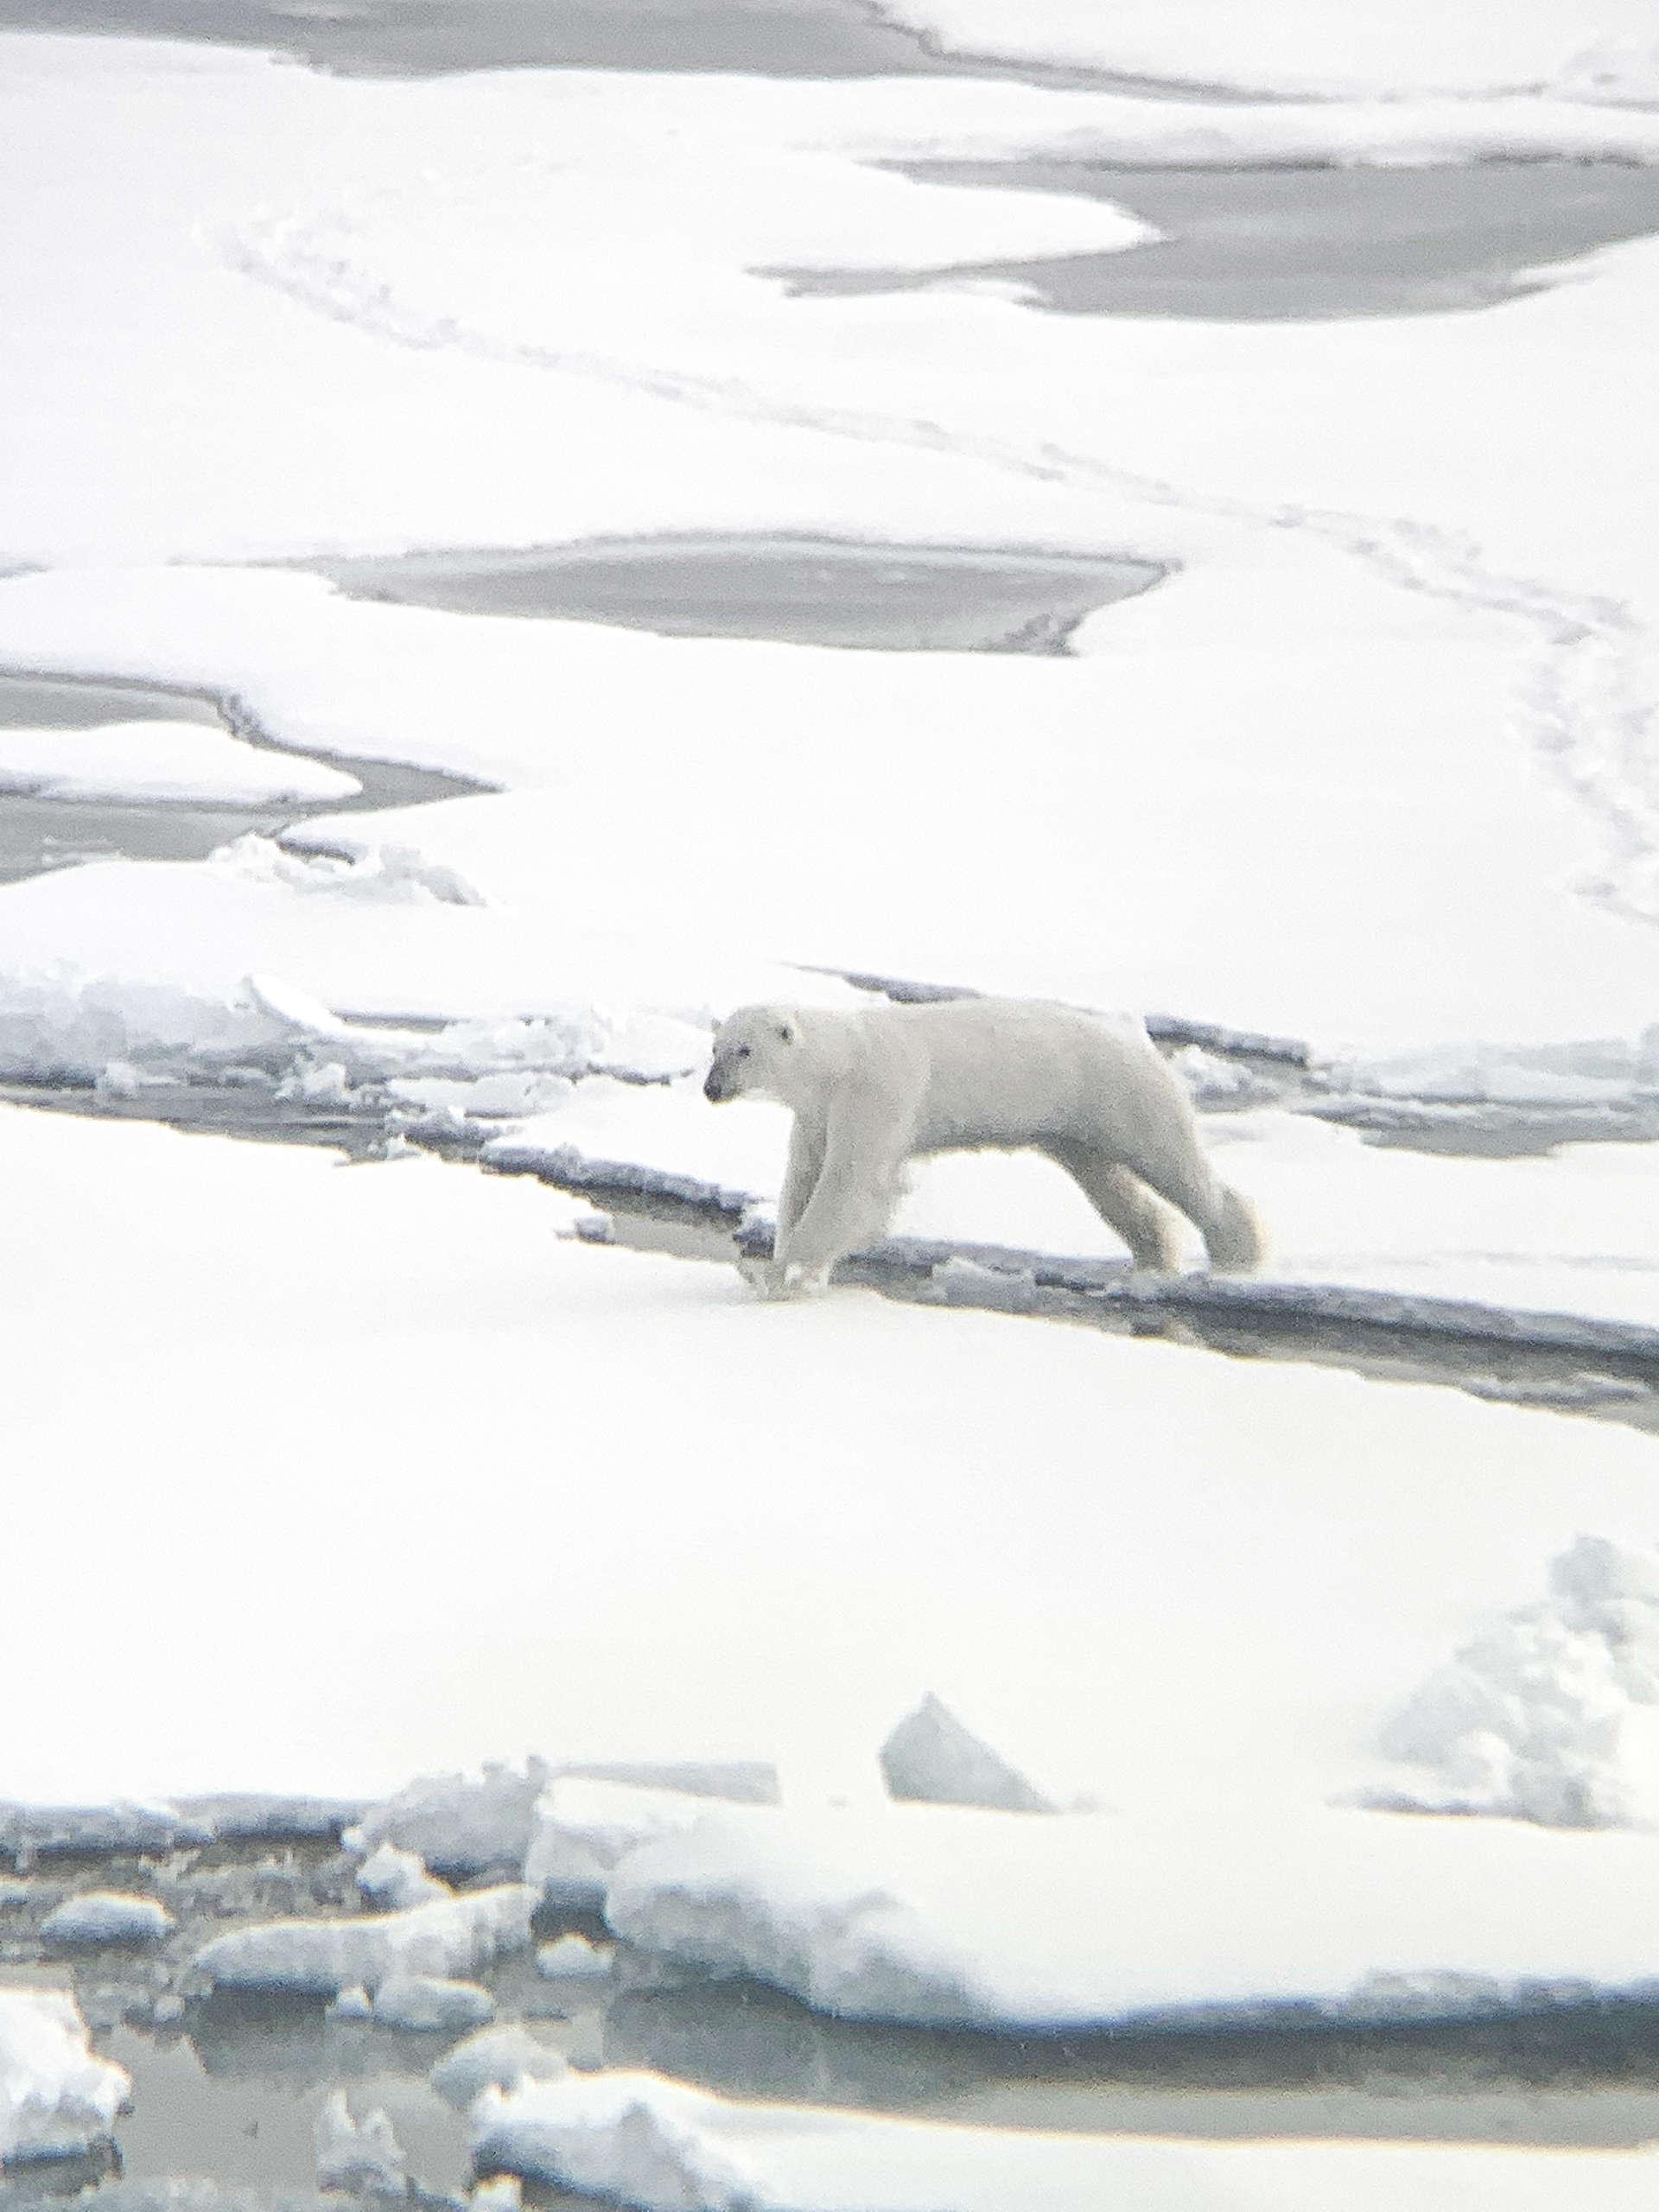 在北緯80度斯瓦爾巴群島拍攝的北極熊。牠們所需要的其實是這種平坦又堅固的海冰。© Eric Wong / Greenpeace